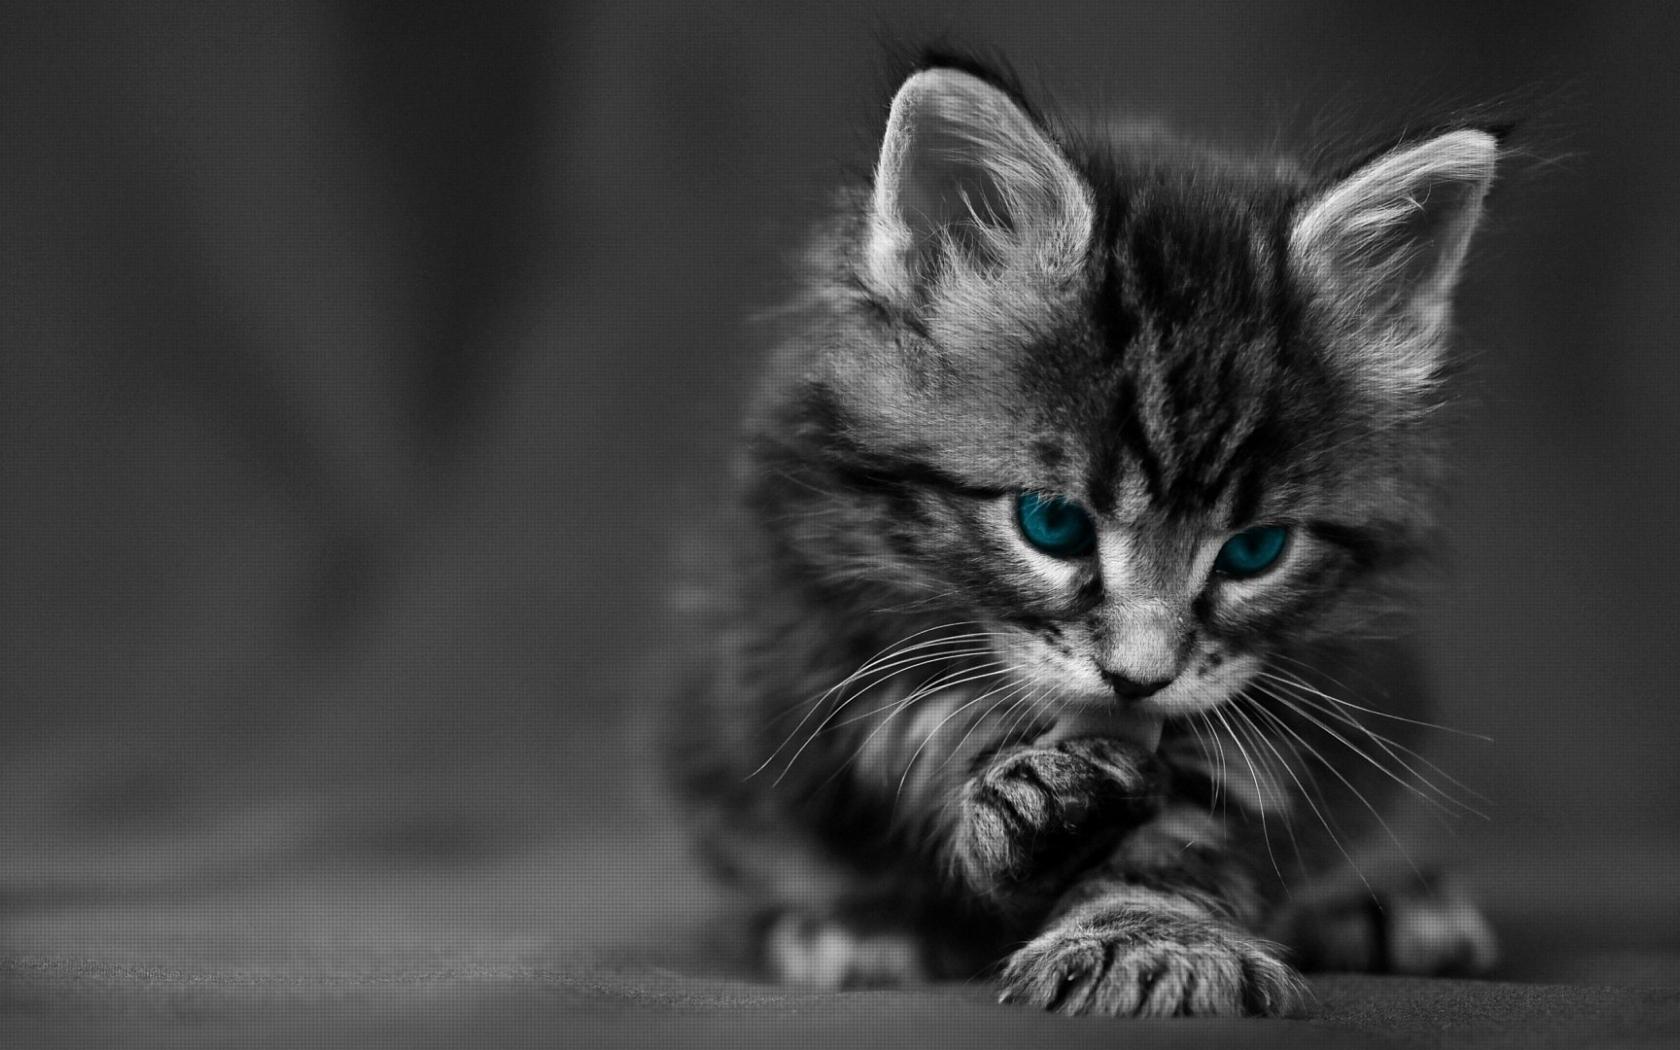 Free Download Cute Black Cat Hd Desktop Wallpaper Hd Desktop Wallpaper 1920x1080 For Your Desktop Mobile Tablet Explore 43 Cute Black Cat Wallpaper Cute Cats Wallpaper Black Cat Wallpaper